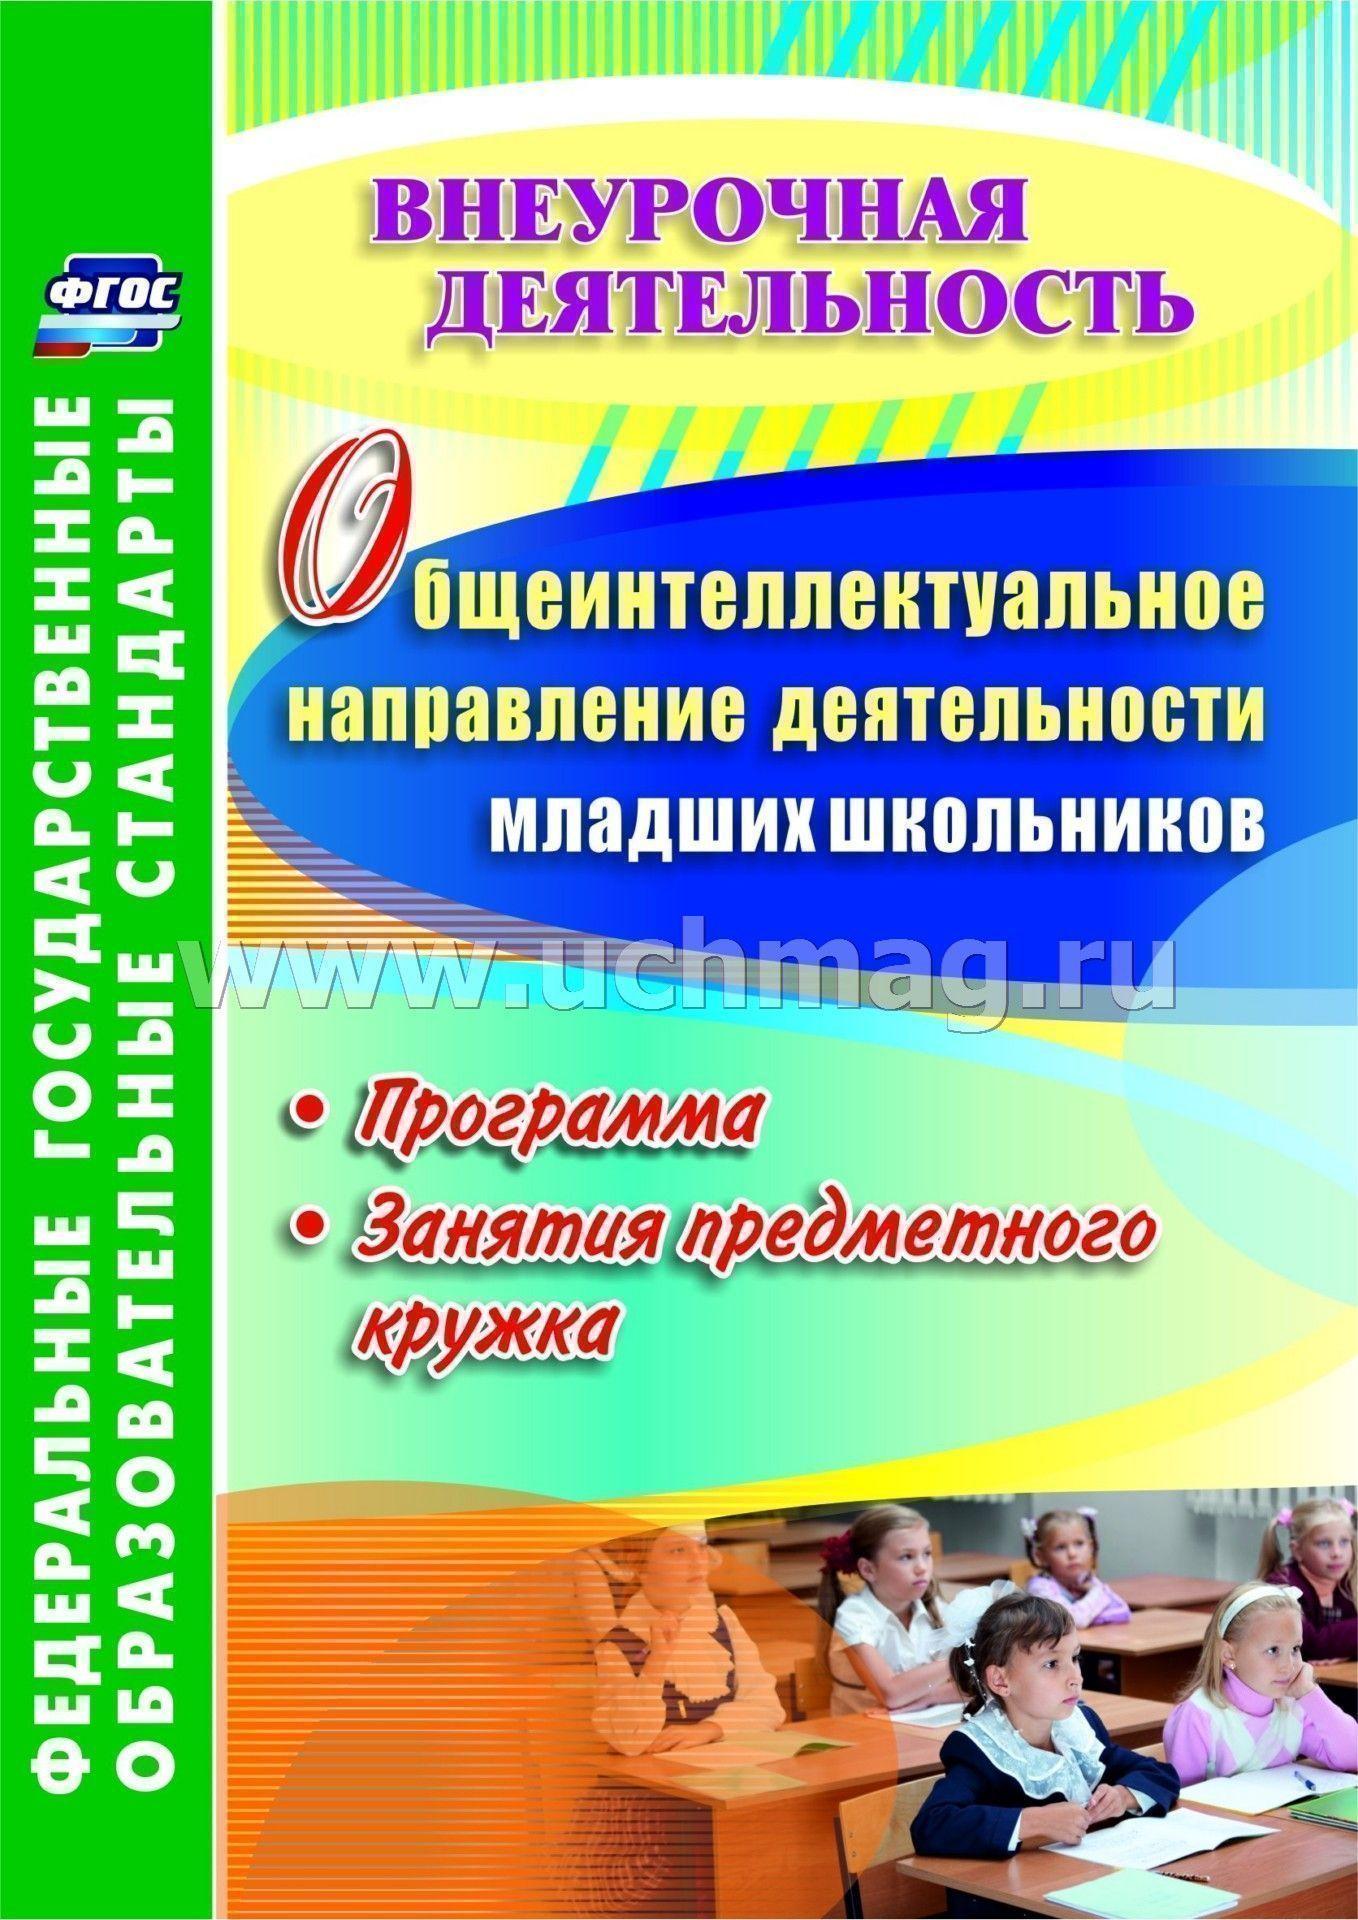 Рабочая программа кружка для начальной школы по